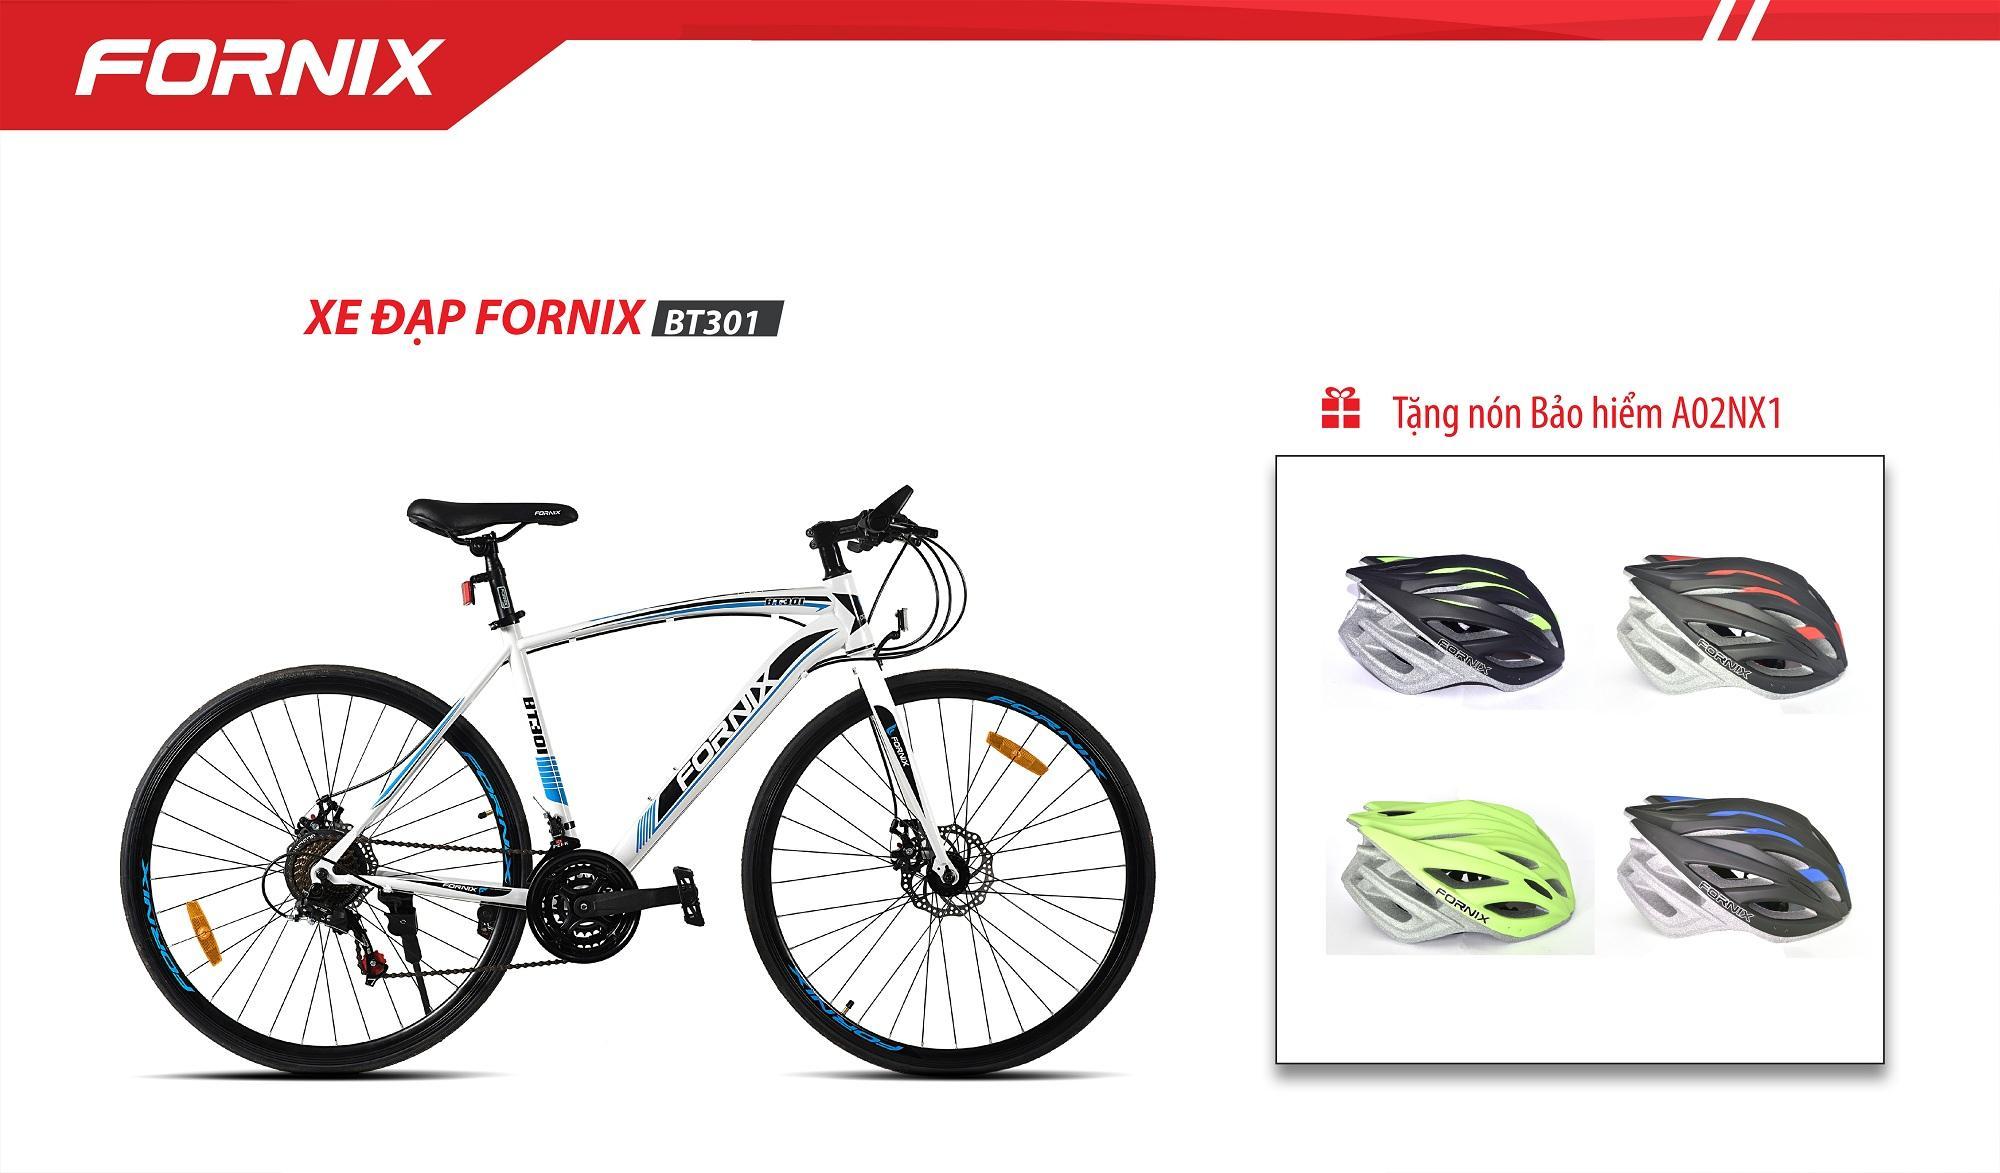 Xe đạp thể thao FORNIX - BT301 ( trắng xanh ) + tặng nón bảo hiểm A02NX1-N